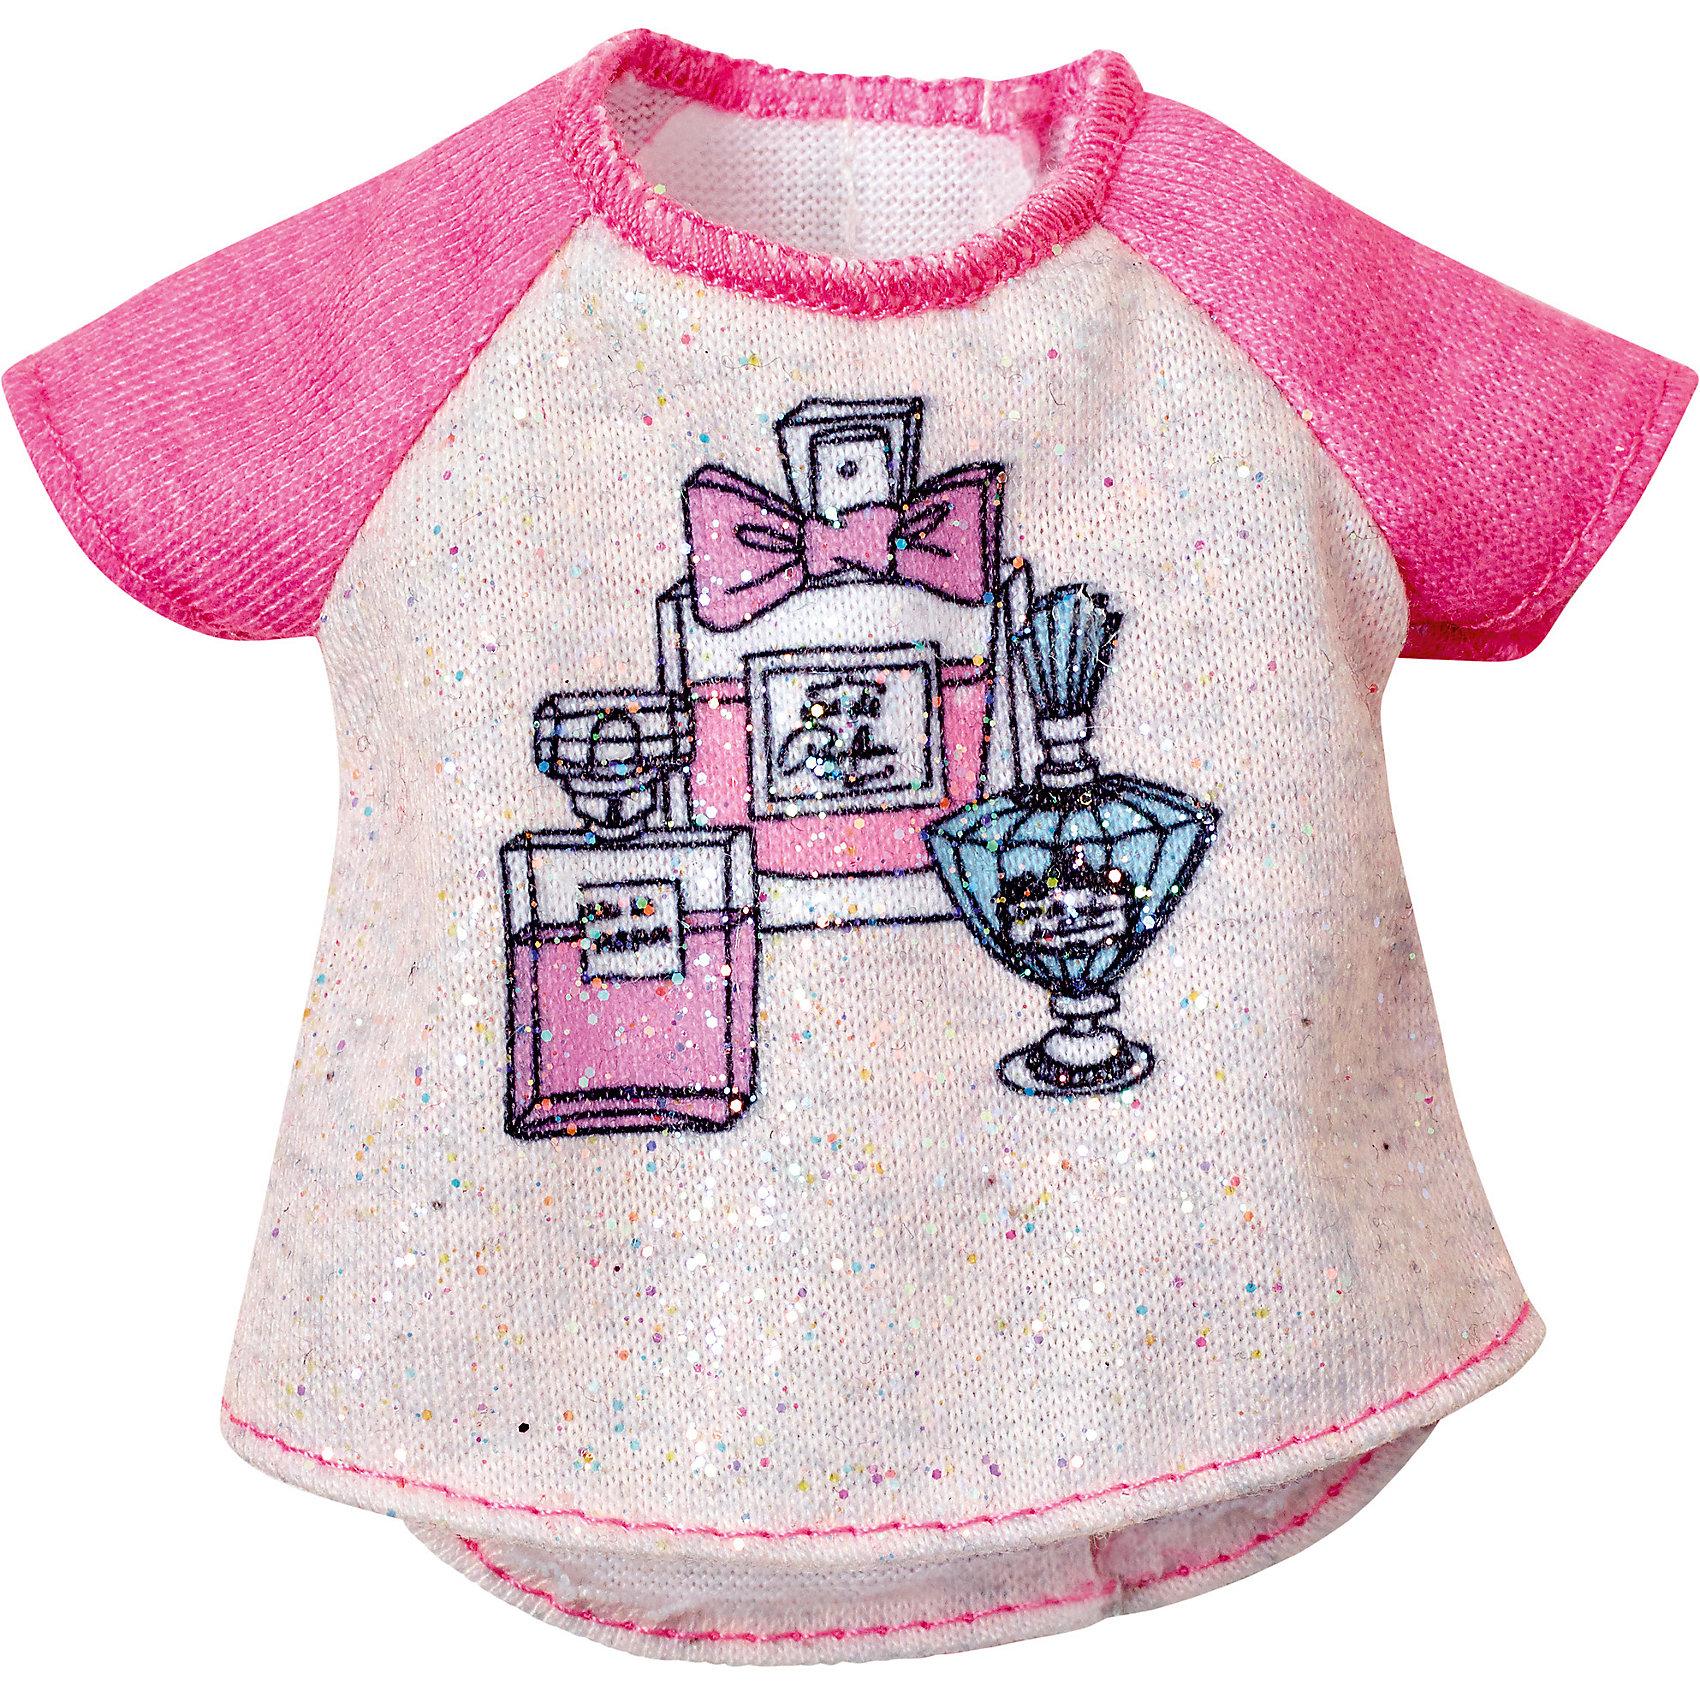 Набор одежды, BarbieНабор одежды, Barbie – это изящные комплекты одежды для любимой куклы Барби.<br>Когда возможности безграничны, гардероб должен быть таким же! В этих ультрамодных нарядах кукла Барби (продается отдельно) будет неотразима с утра до вечера. У одежды простой, но элегантный покрой, современная расцветка, рисунок и детали. Она позволит создать множество ярких и разнообразных образов (предметы продаются по отдельности). Если собрать всю коллекцию одежды для куклы Барби, можно будет подобрать наряды для самых разных сюжетов!<br><br>Дополнительная информация:<br><br>- В наборе: один предмет одежды<br>- Кукла продается отдельно<br>- Одежда подходит для большинства кукол Барби<br>- Материал: текстиль<br><br>Набор одежды, Barbie можно купить в нашем интернет-магазине.<br><br>Ширина мм: 150<br>Глубина мм: 75<br>Высота мм: 5<br>Вес г: 290<br>Возраст от месяцев: 36<br>Возраст до месяцев: 144<br>Пол: Женский<br>Возраст: Детский<br>SKU: 4918752